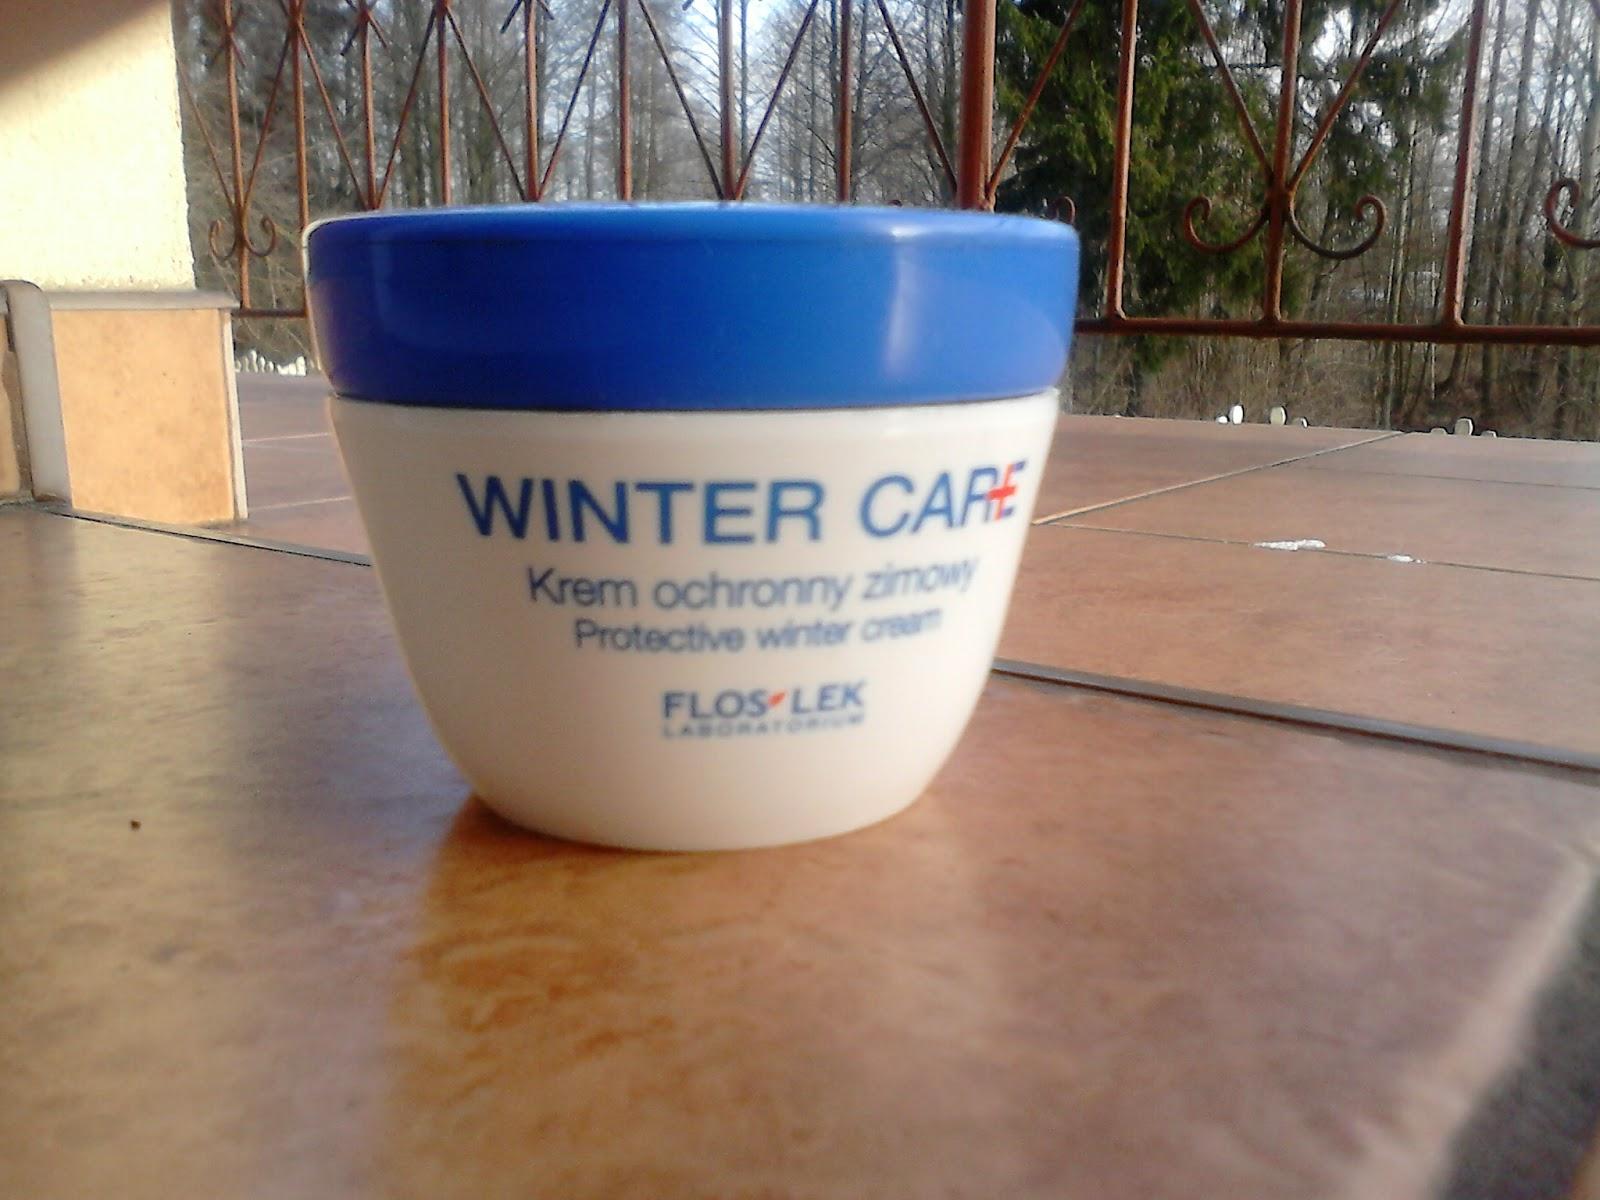 Krem ochronny zimowy WINTER CARE FLOSLEK